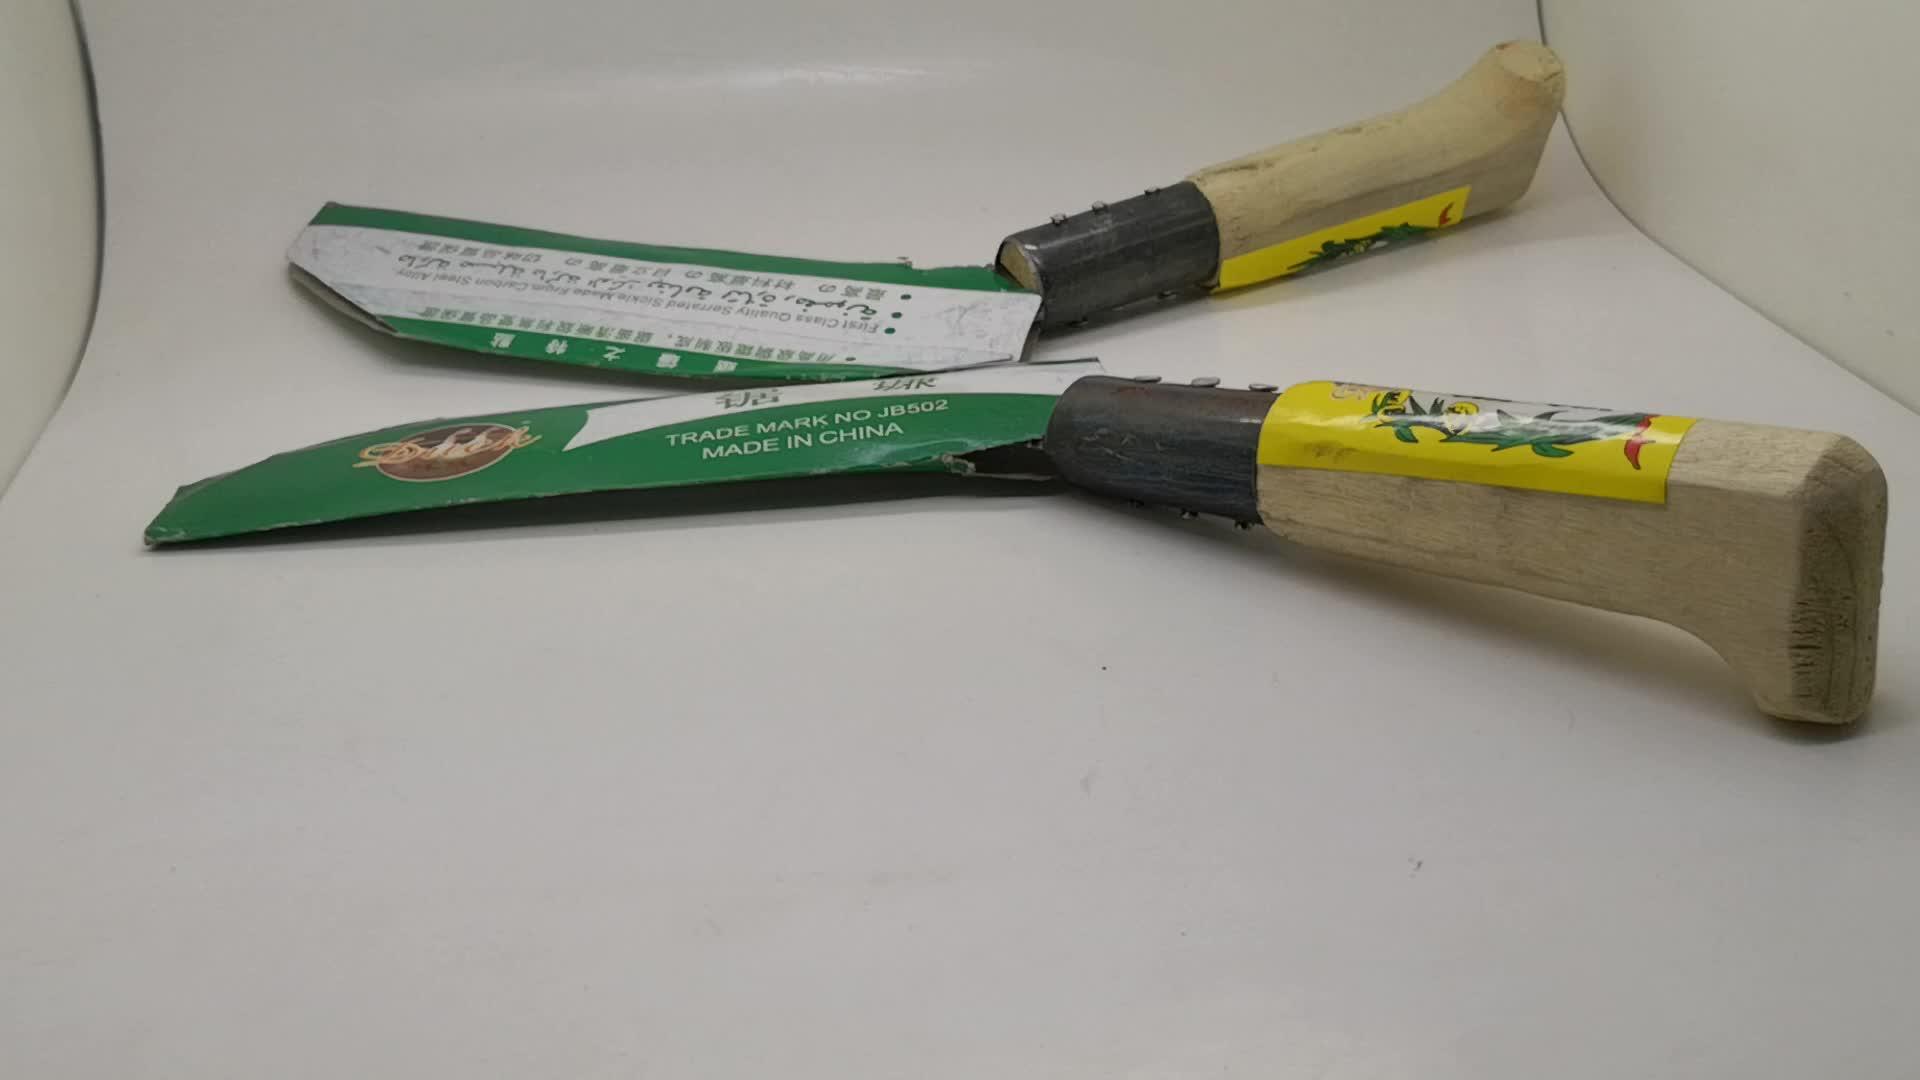 Guadaña de hierba con mango de madera, herramienta de granja de guadaña